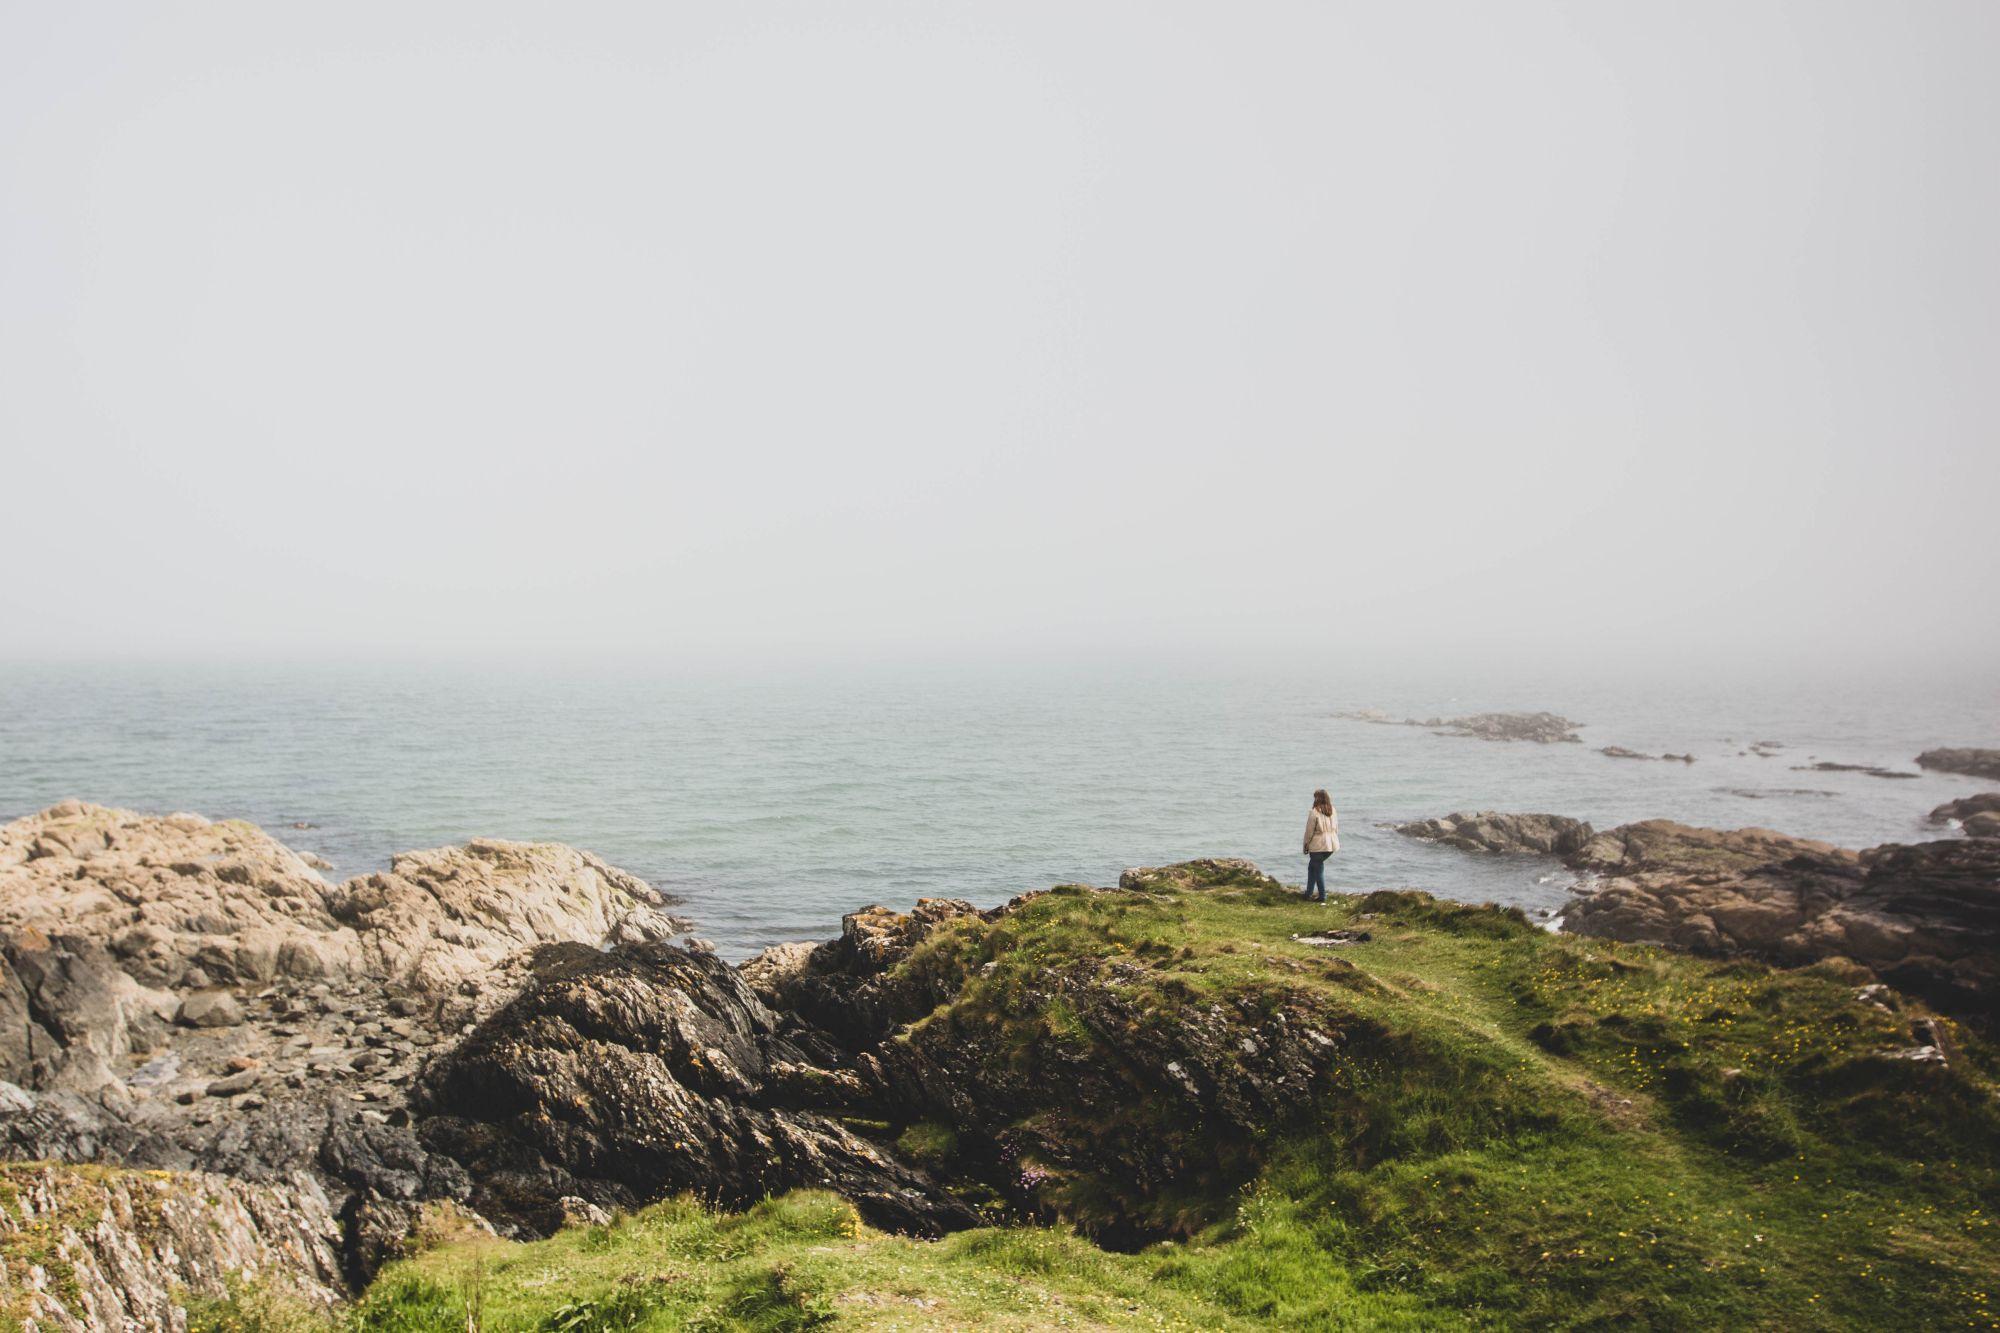 site de rencontre gratuit en Irlande du Nord Je suis frustré avec la rencontre en ligne